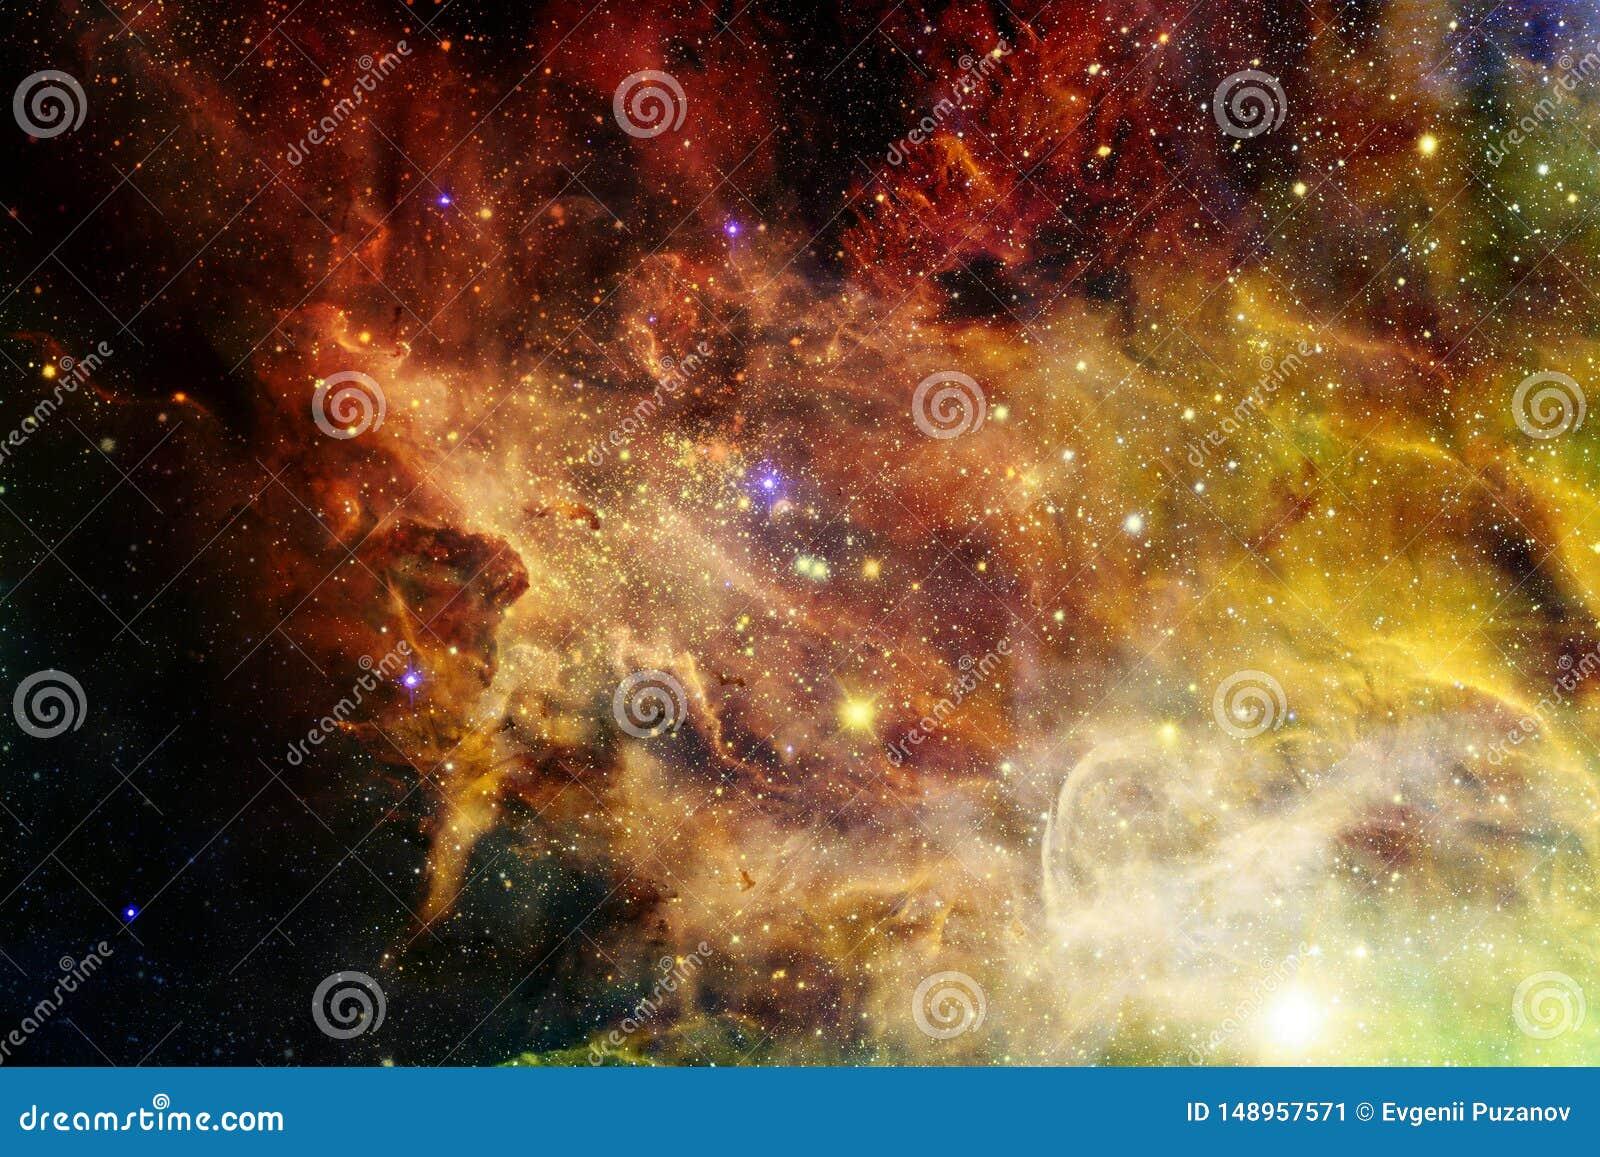 Galassia incredibilmente bella molti anni luci lontano dalla terra